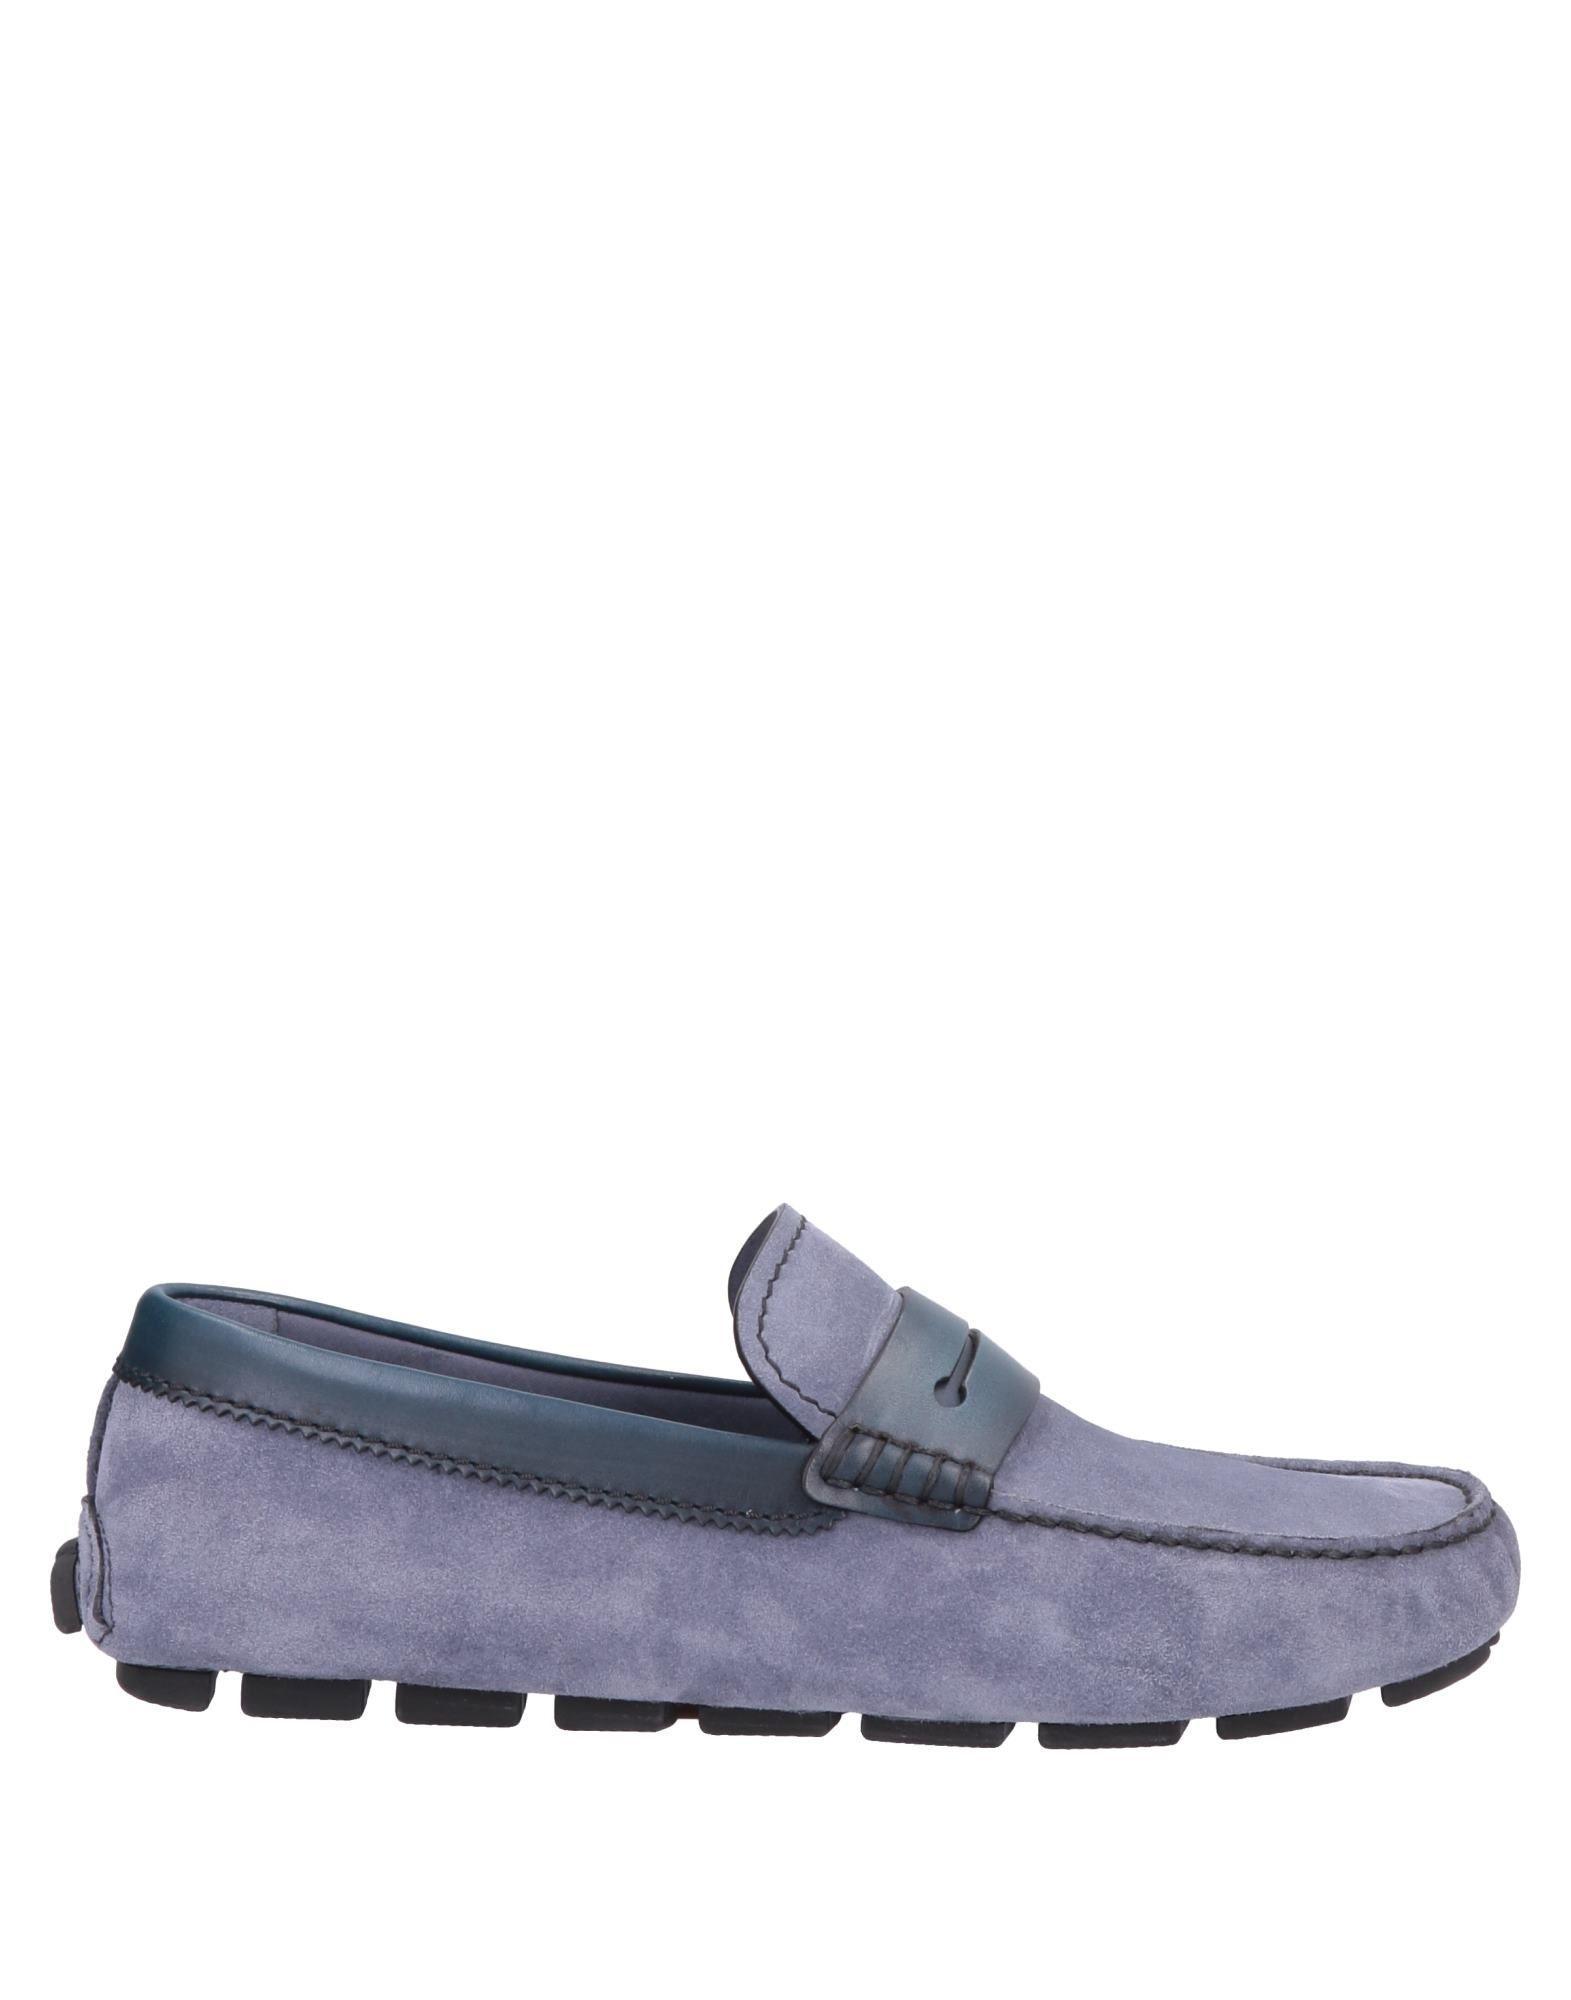 ebd6924afb5 Lyst - Ermenegildo Zegna Loafer in Blue for Men